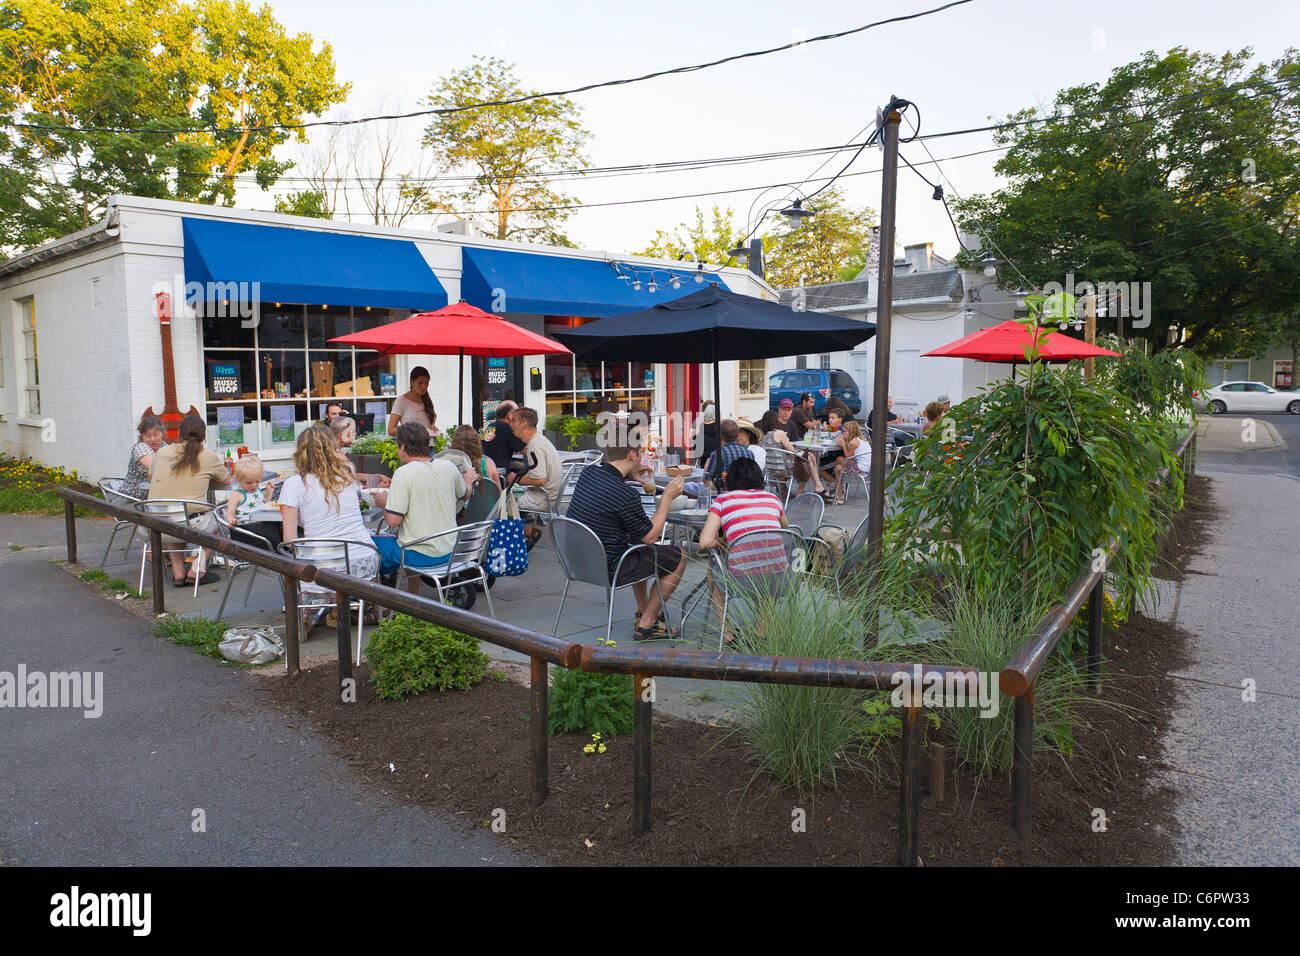 Outdoor restaurant in Woodstock New York - Stock Image